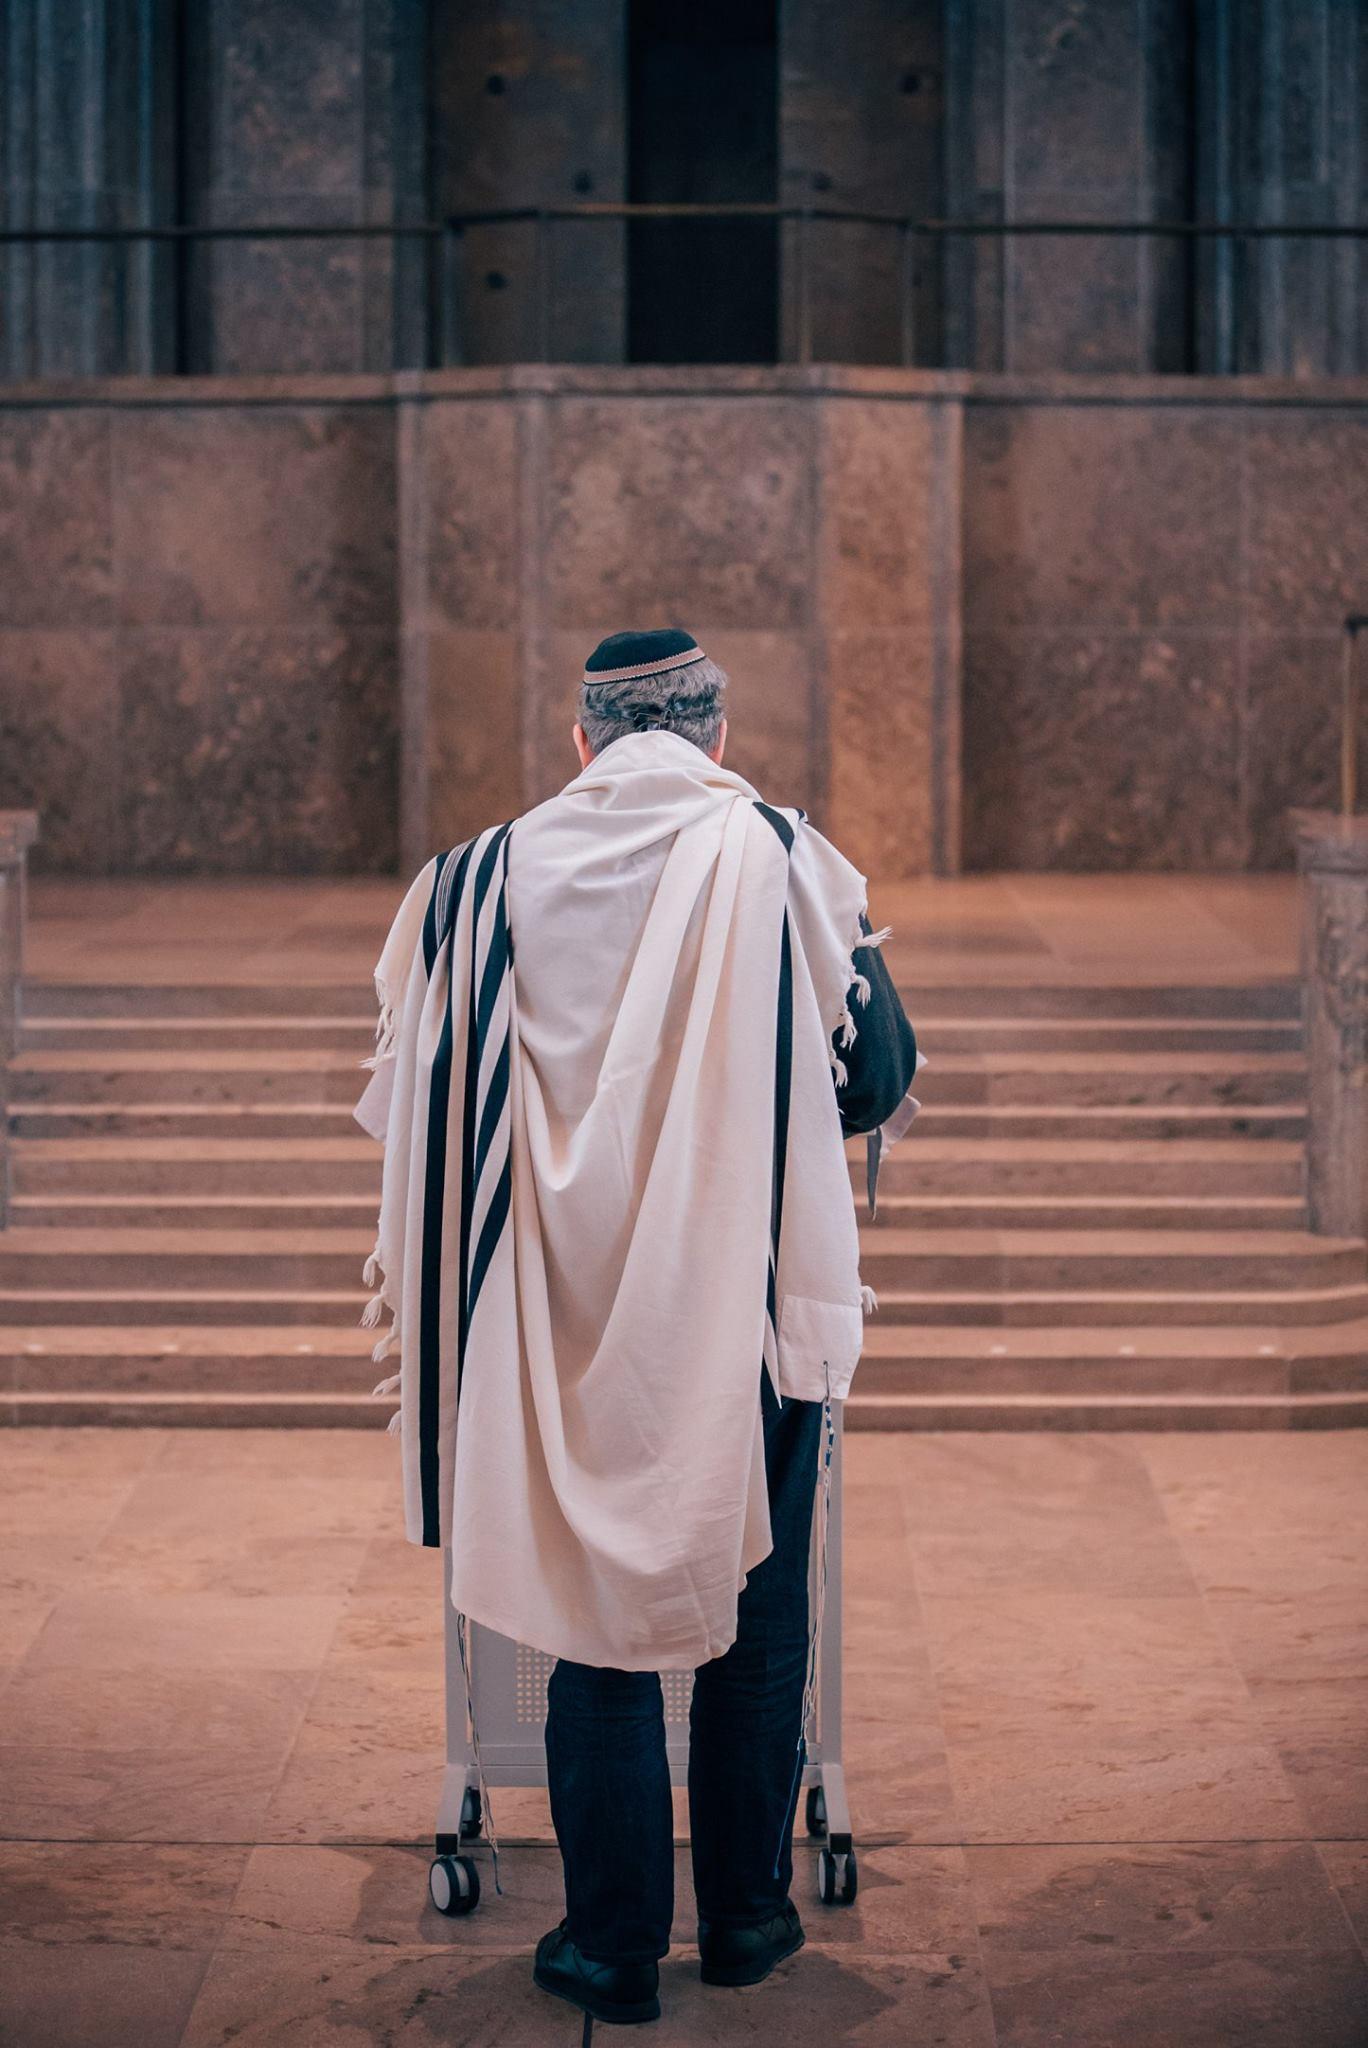 Rabbiner Friberg betet vor. Foto mit freundlicher Genehmigung von Ilja Kagan (alle Rechte verbleiben bei Ilja Kagan)  Ilja Kagan